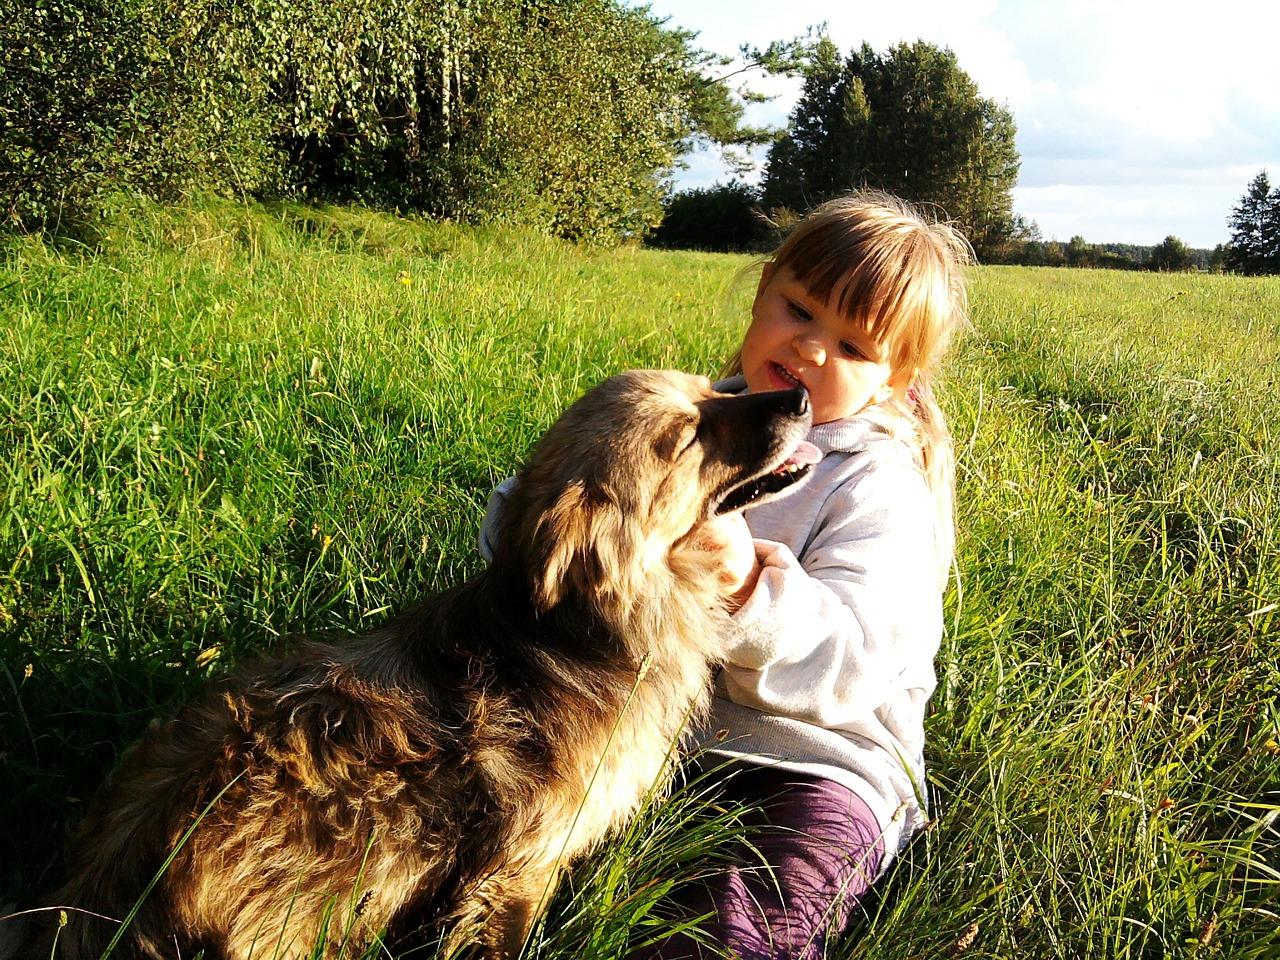 Una niña acariciando a un perro